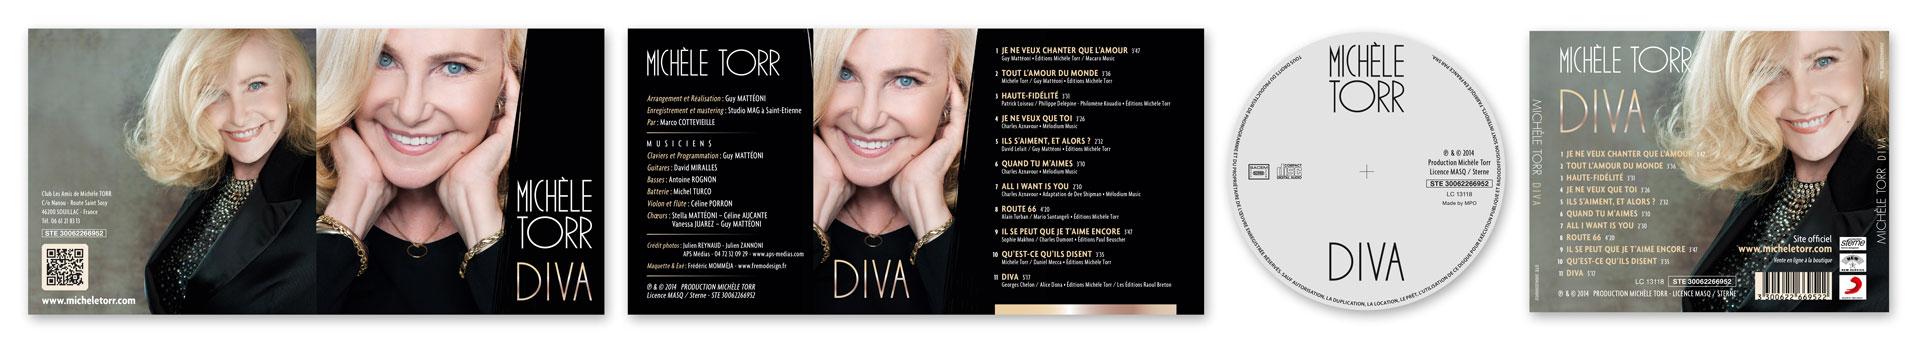 Pochette CD M. Torr Diva